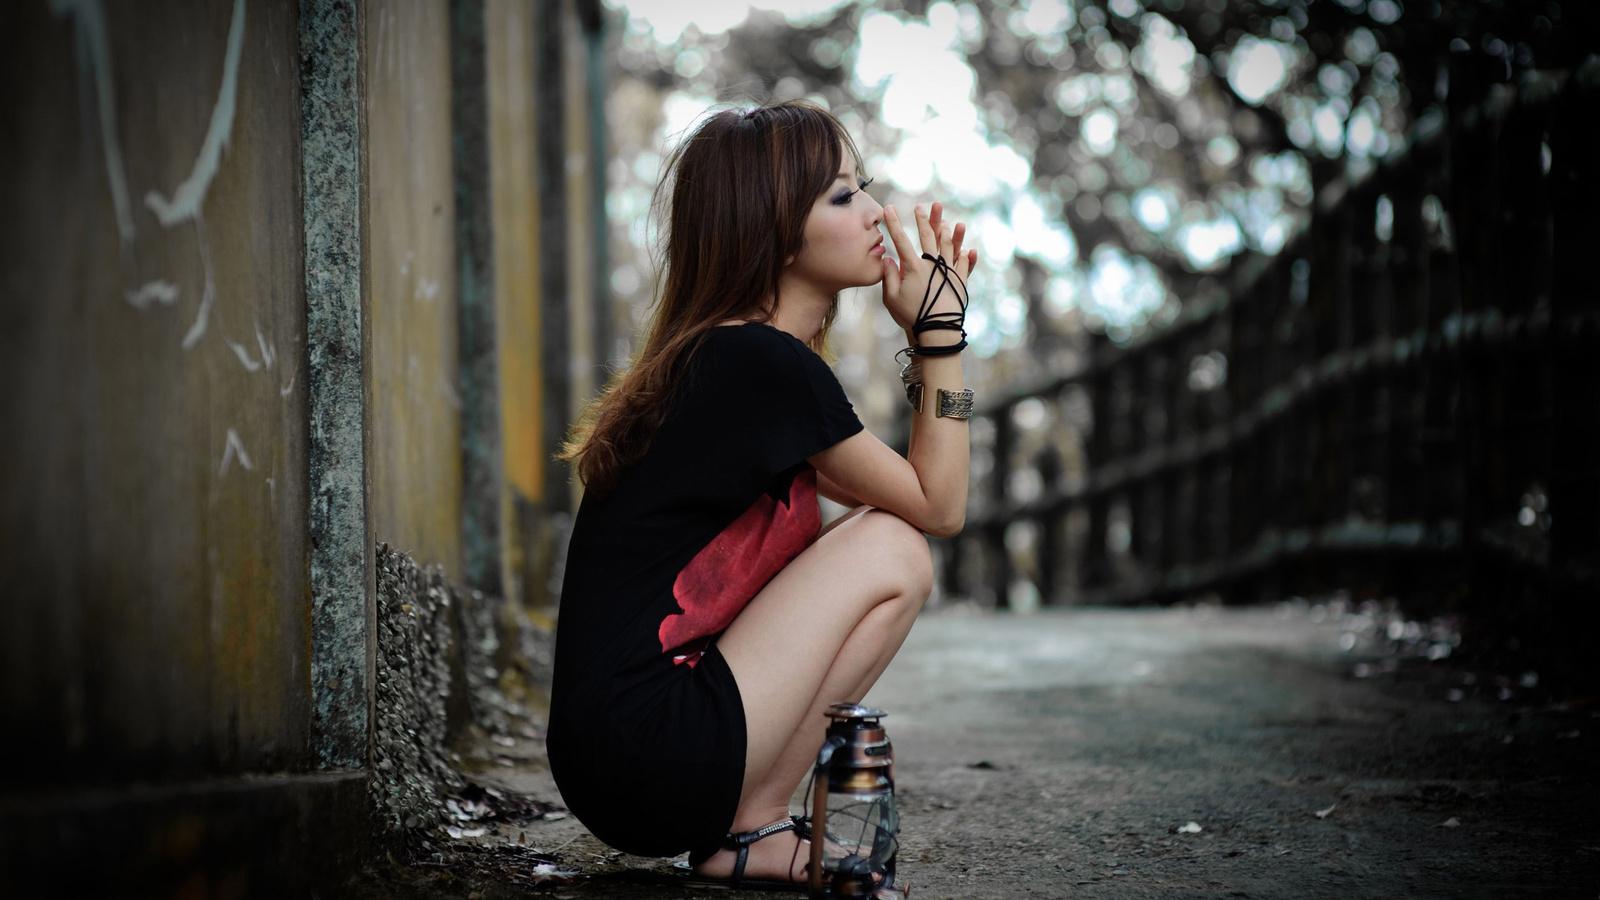 Почему красивые девушки часто одинокие?